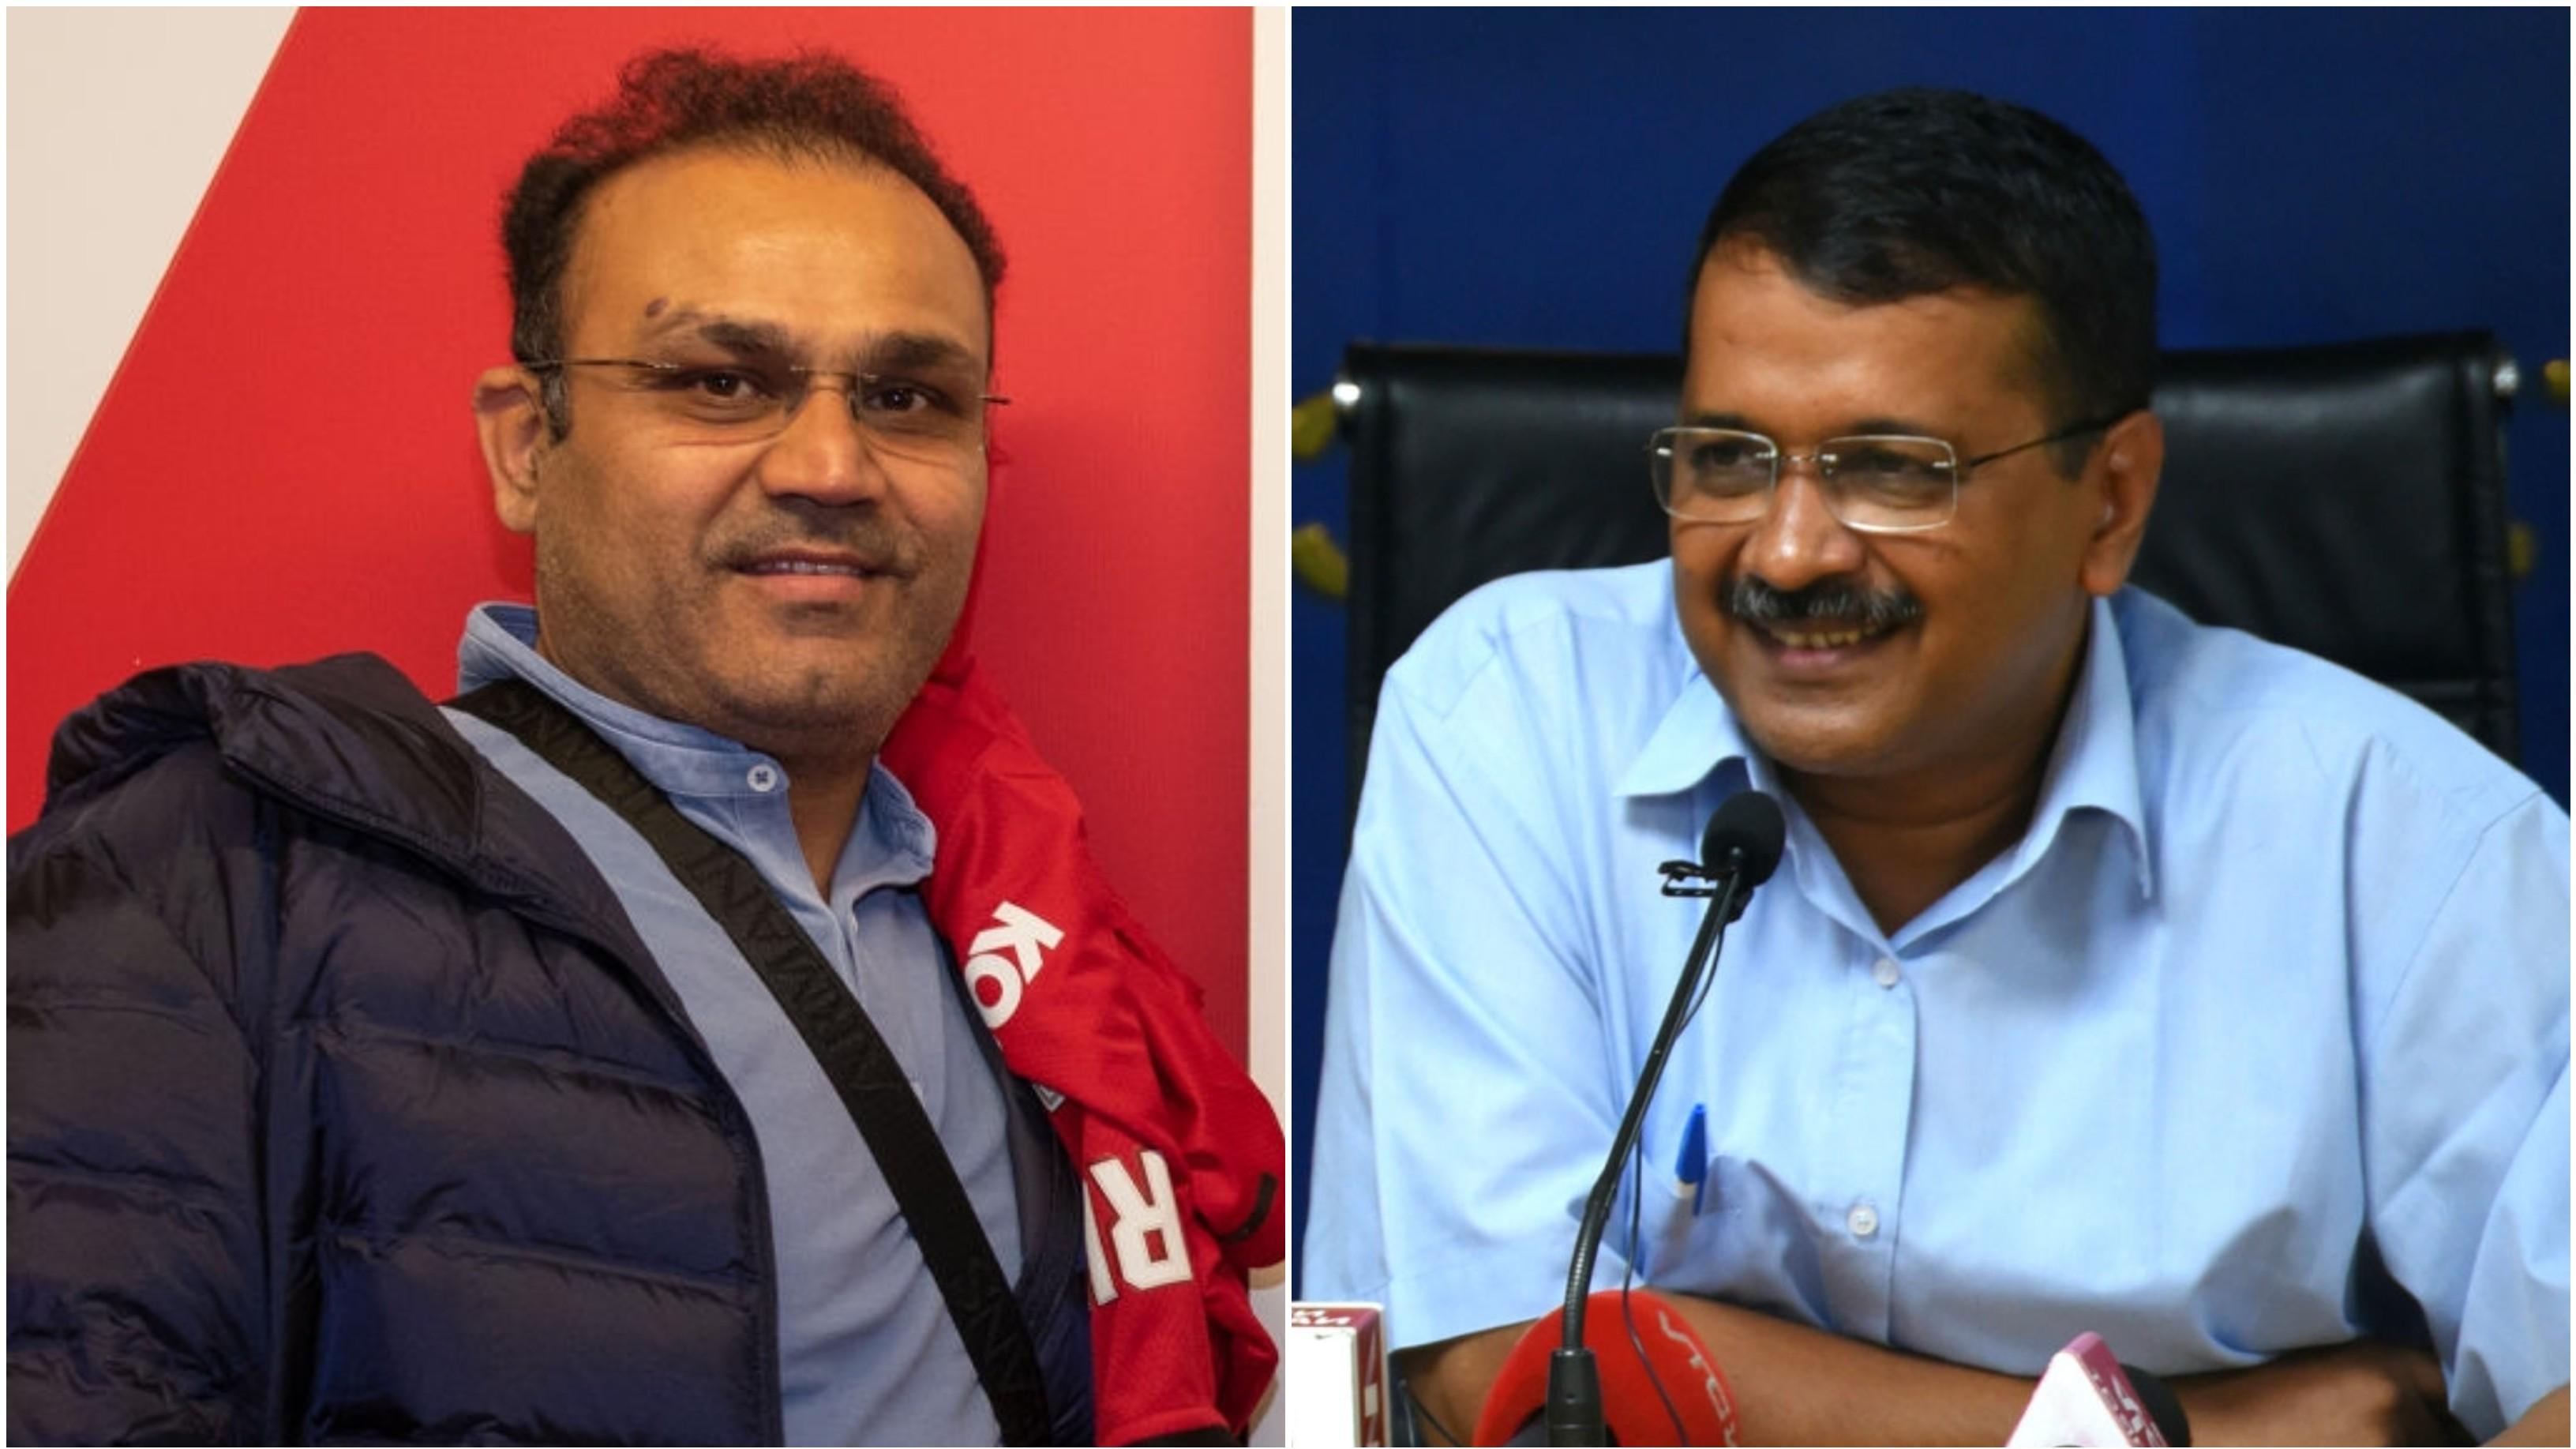 वीरेंदर सहवाग ने दिल्ली सरकार के डेंगू के खिलाफ चलाये गए अभियान का किया समर्थन, अरविन्द केजरीवाल ने किया धन्यवाद